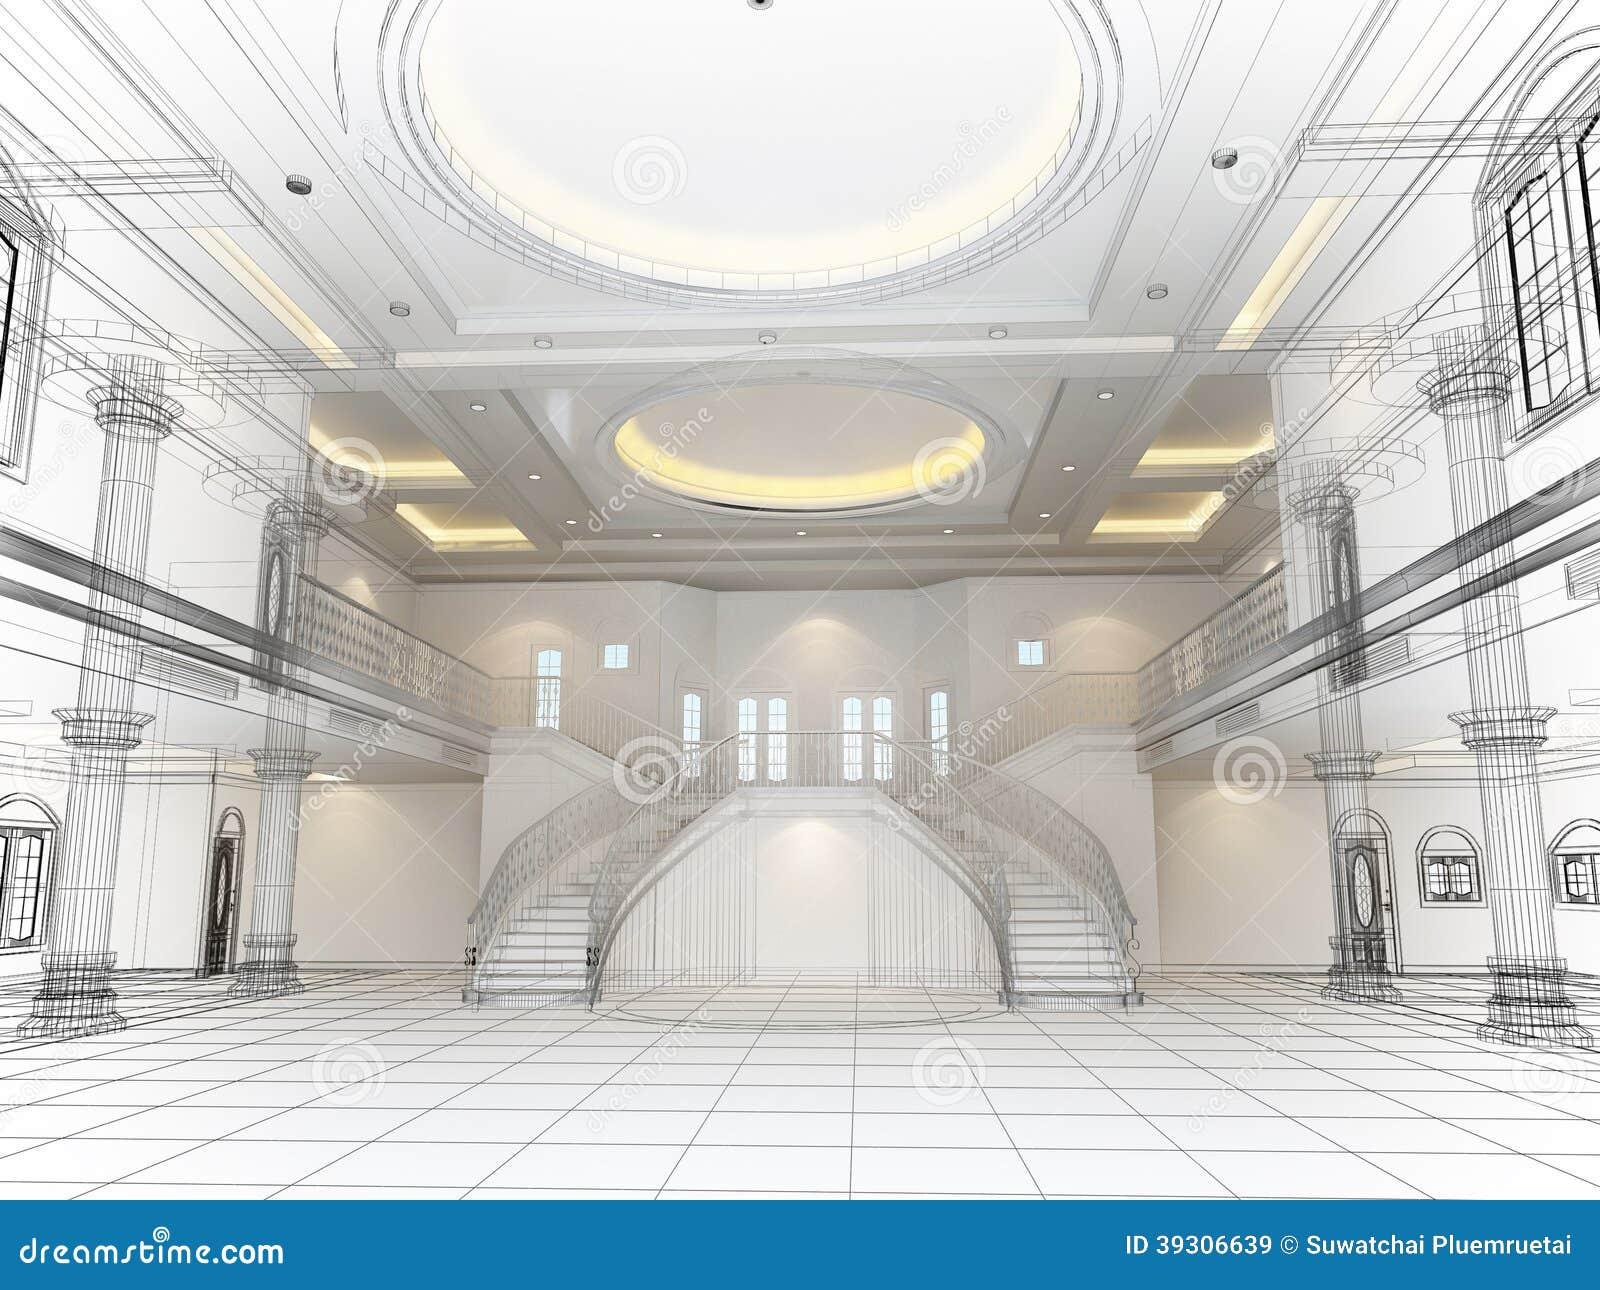 Sketch Design Of Interior Hall 3d Render Stock Illustration Image 39306639